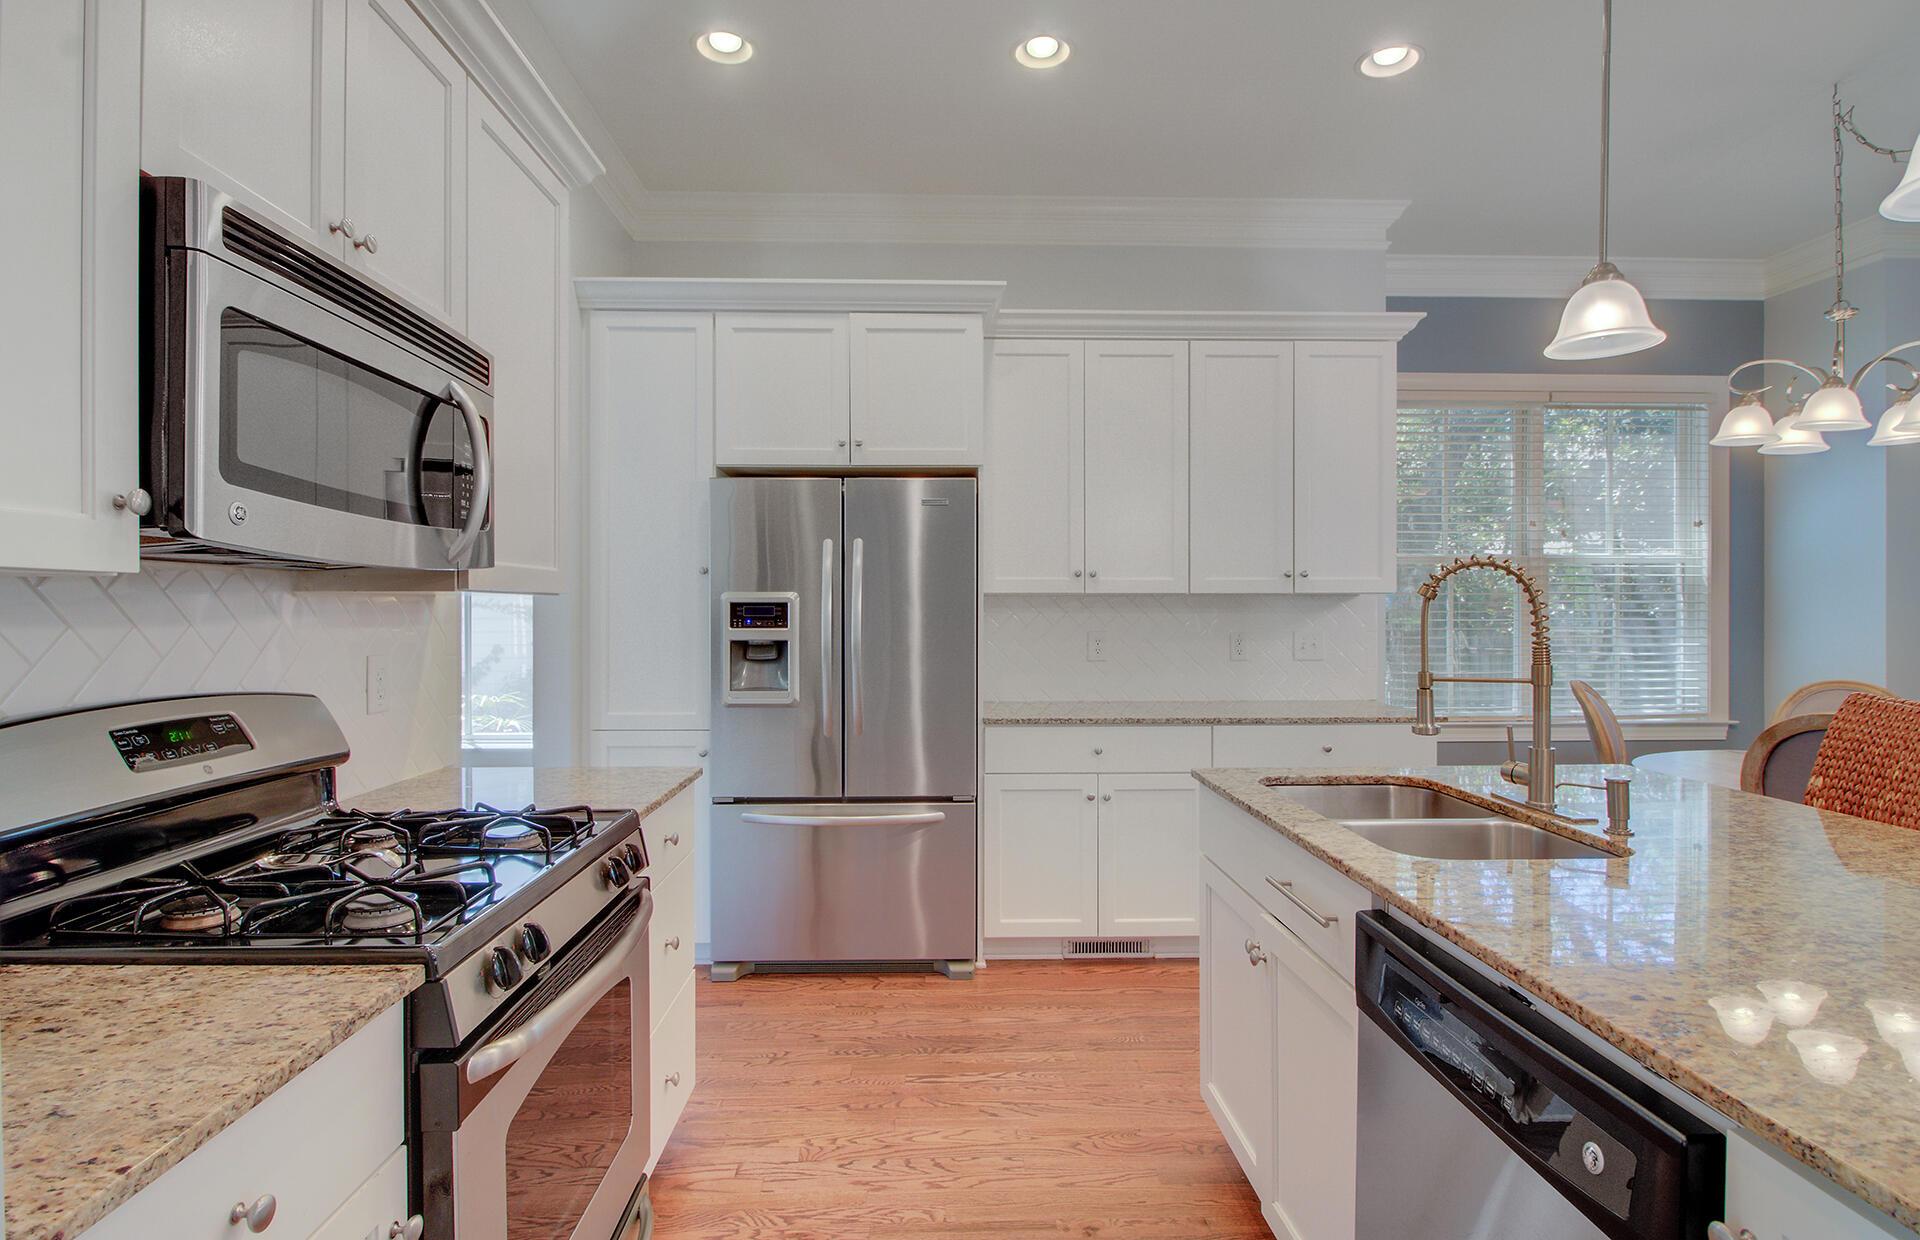 Phillips Park Homes For Sale - 1129 Phillips Park, Mount Pleasant, SC - 16